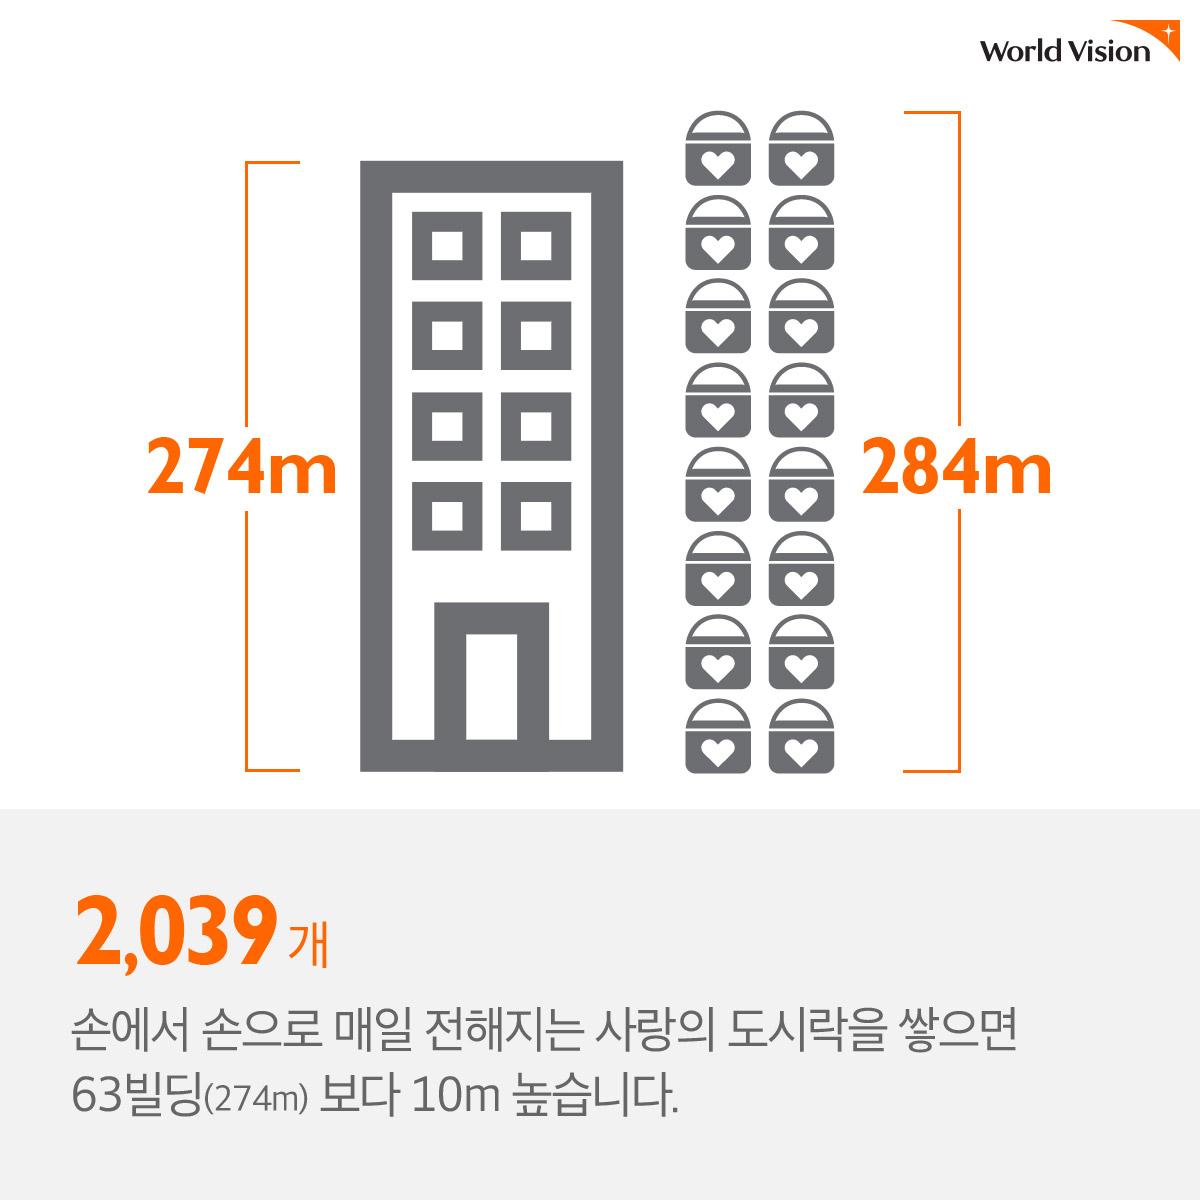 (63빌딩 보다 10m 높은 사랑의 도시락 탑) 2,039개 손에서 손으로 매일 전해지는 사랑의 도시락을 쌓으면 63빌딩(274m) 보다 10m 높습니다.